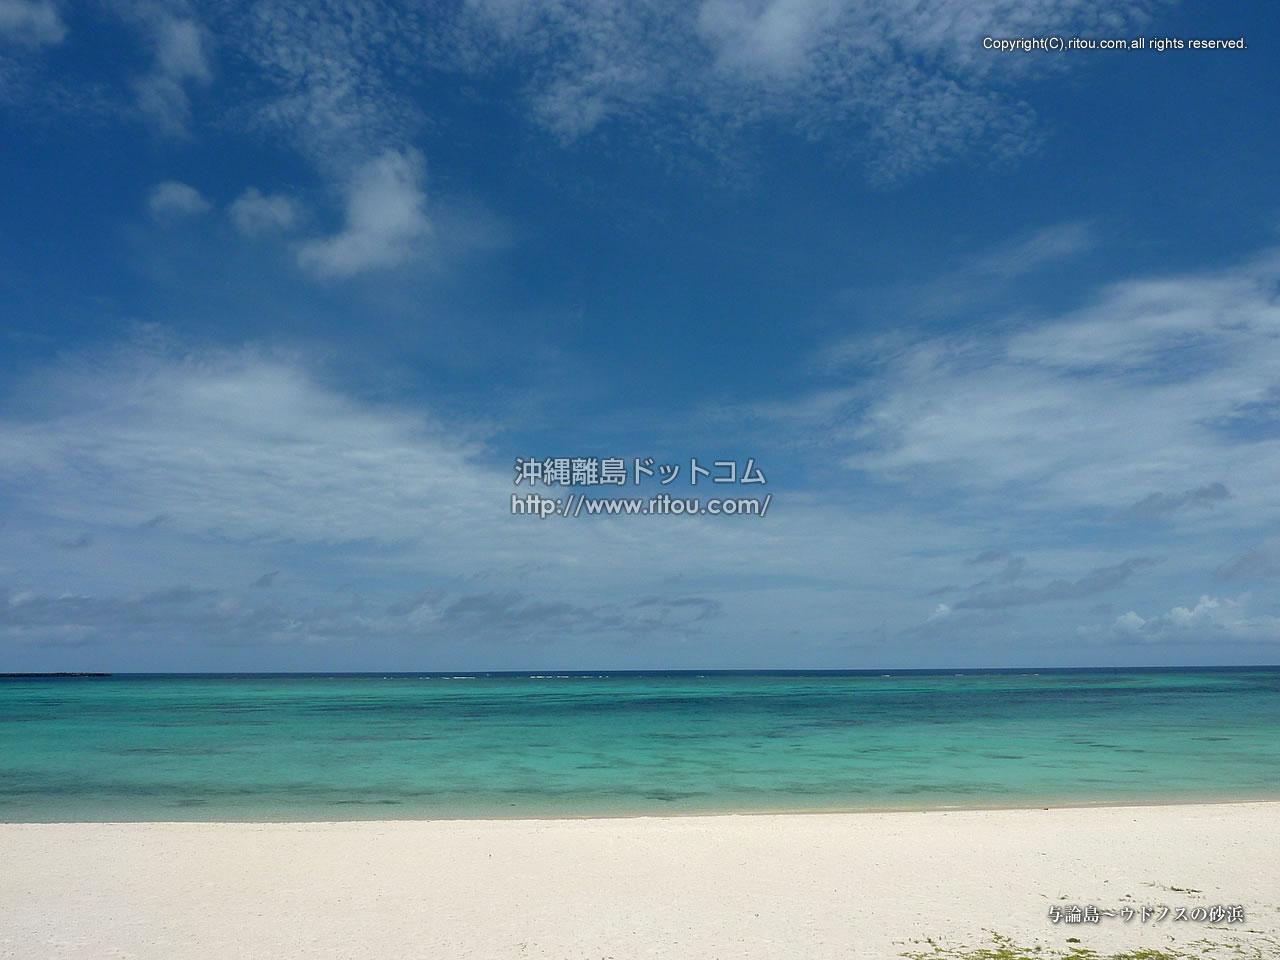 与論島〜ウドノスの砂浜